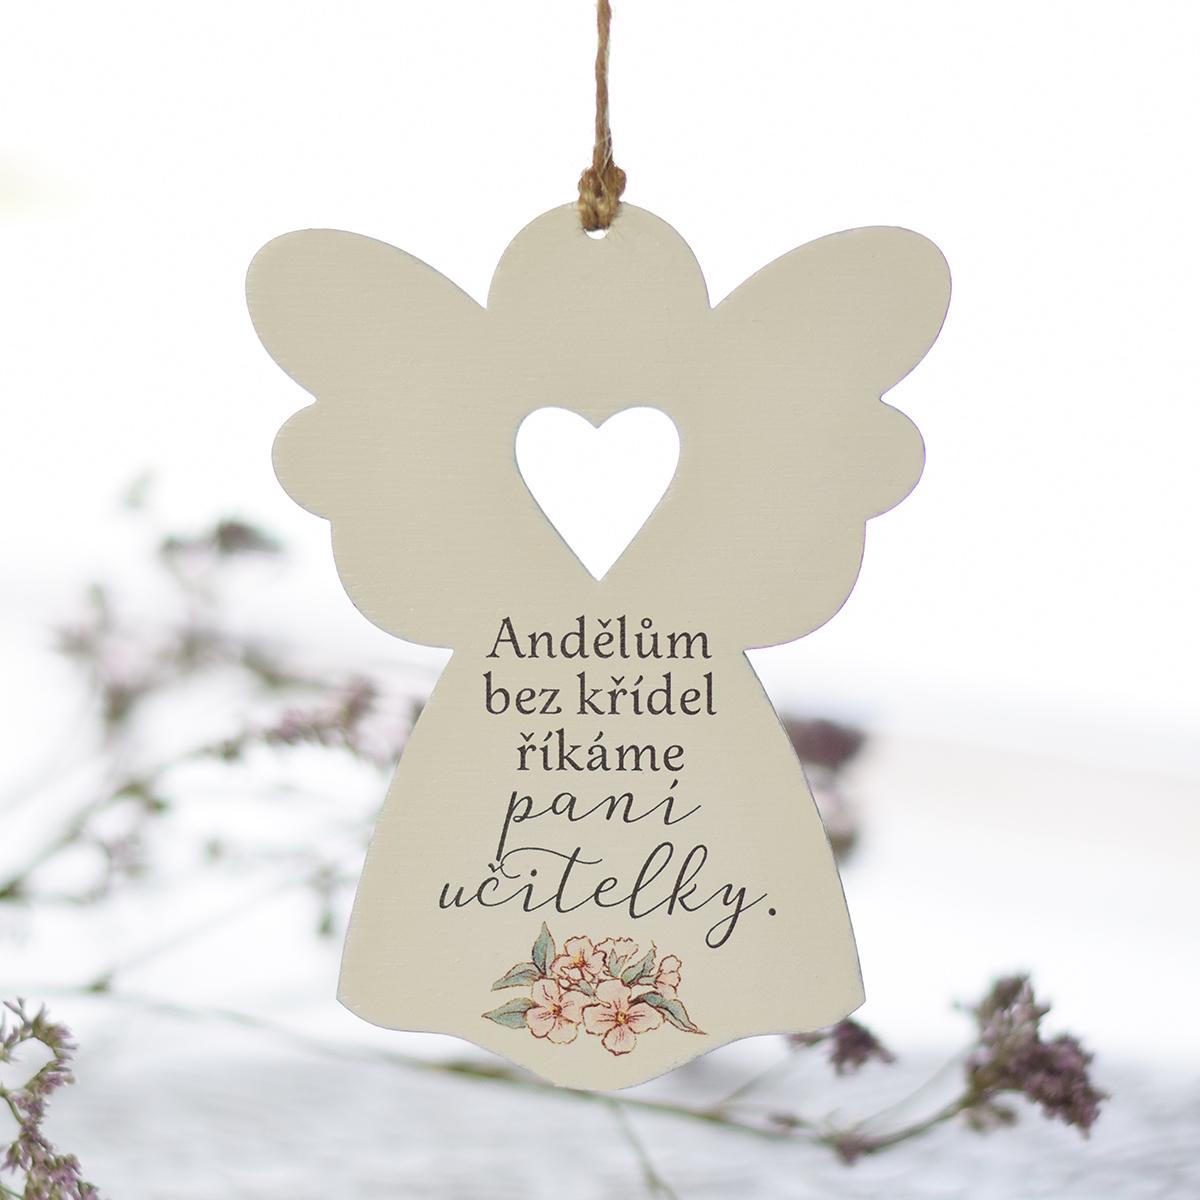 HOUSEDECOR Anděl se srdcem - Paní učitelce